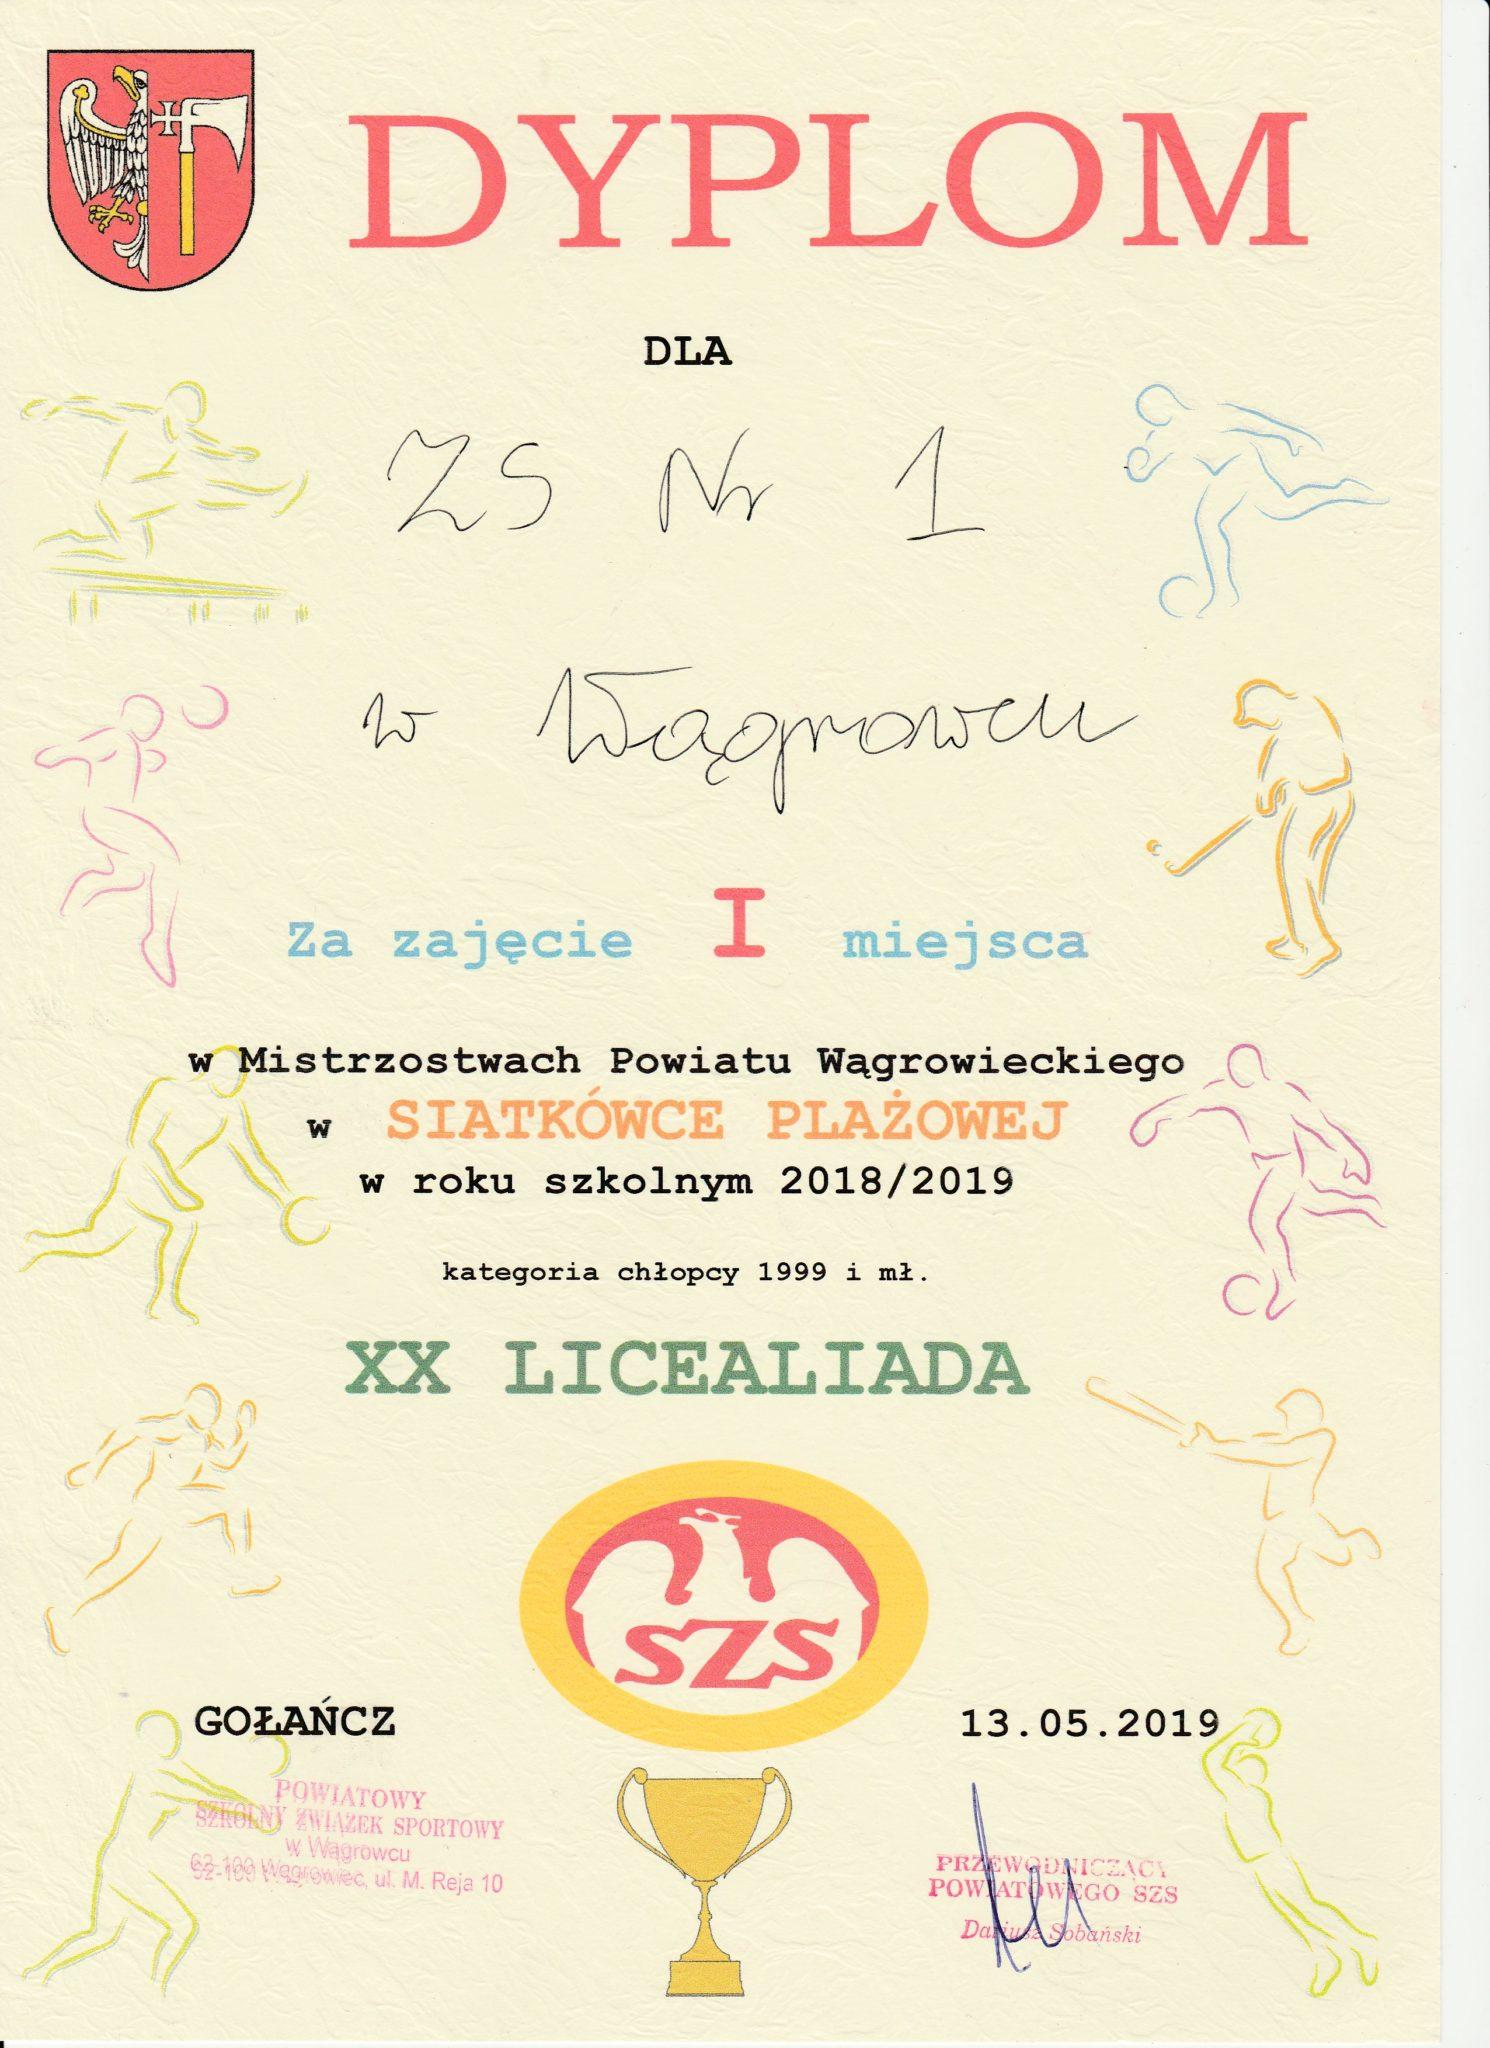 dyplom piłka plażowa chłopcy 2019